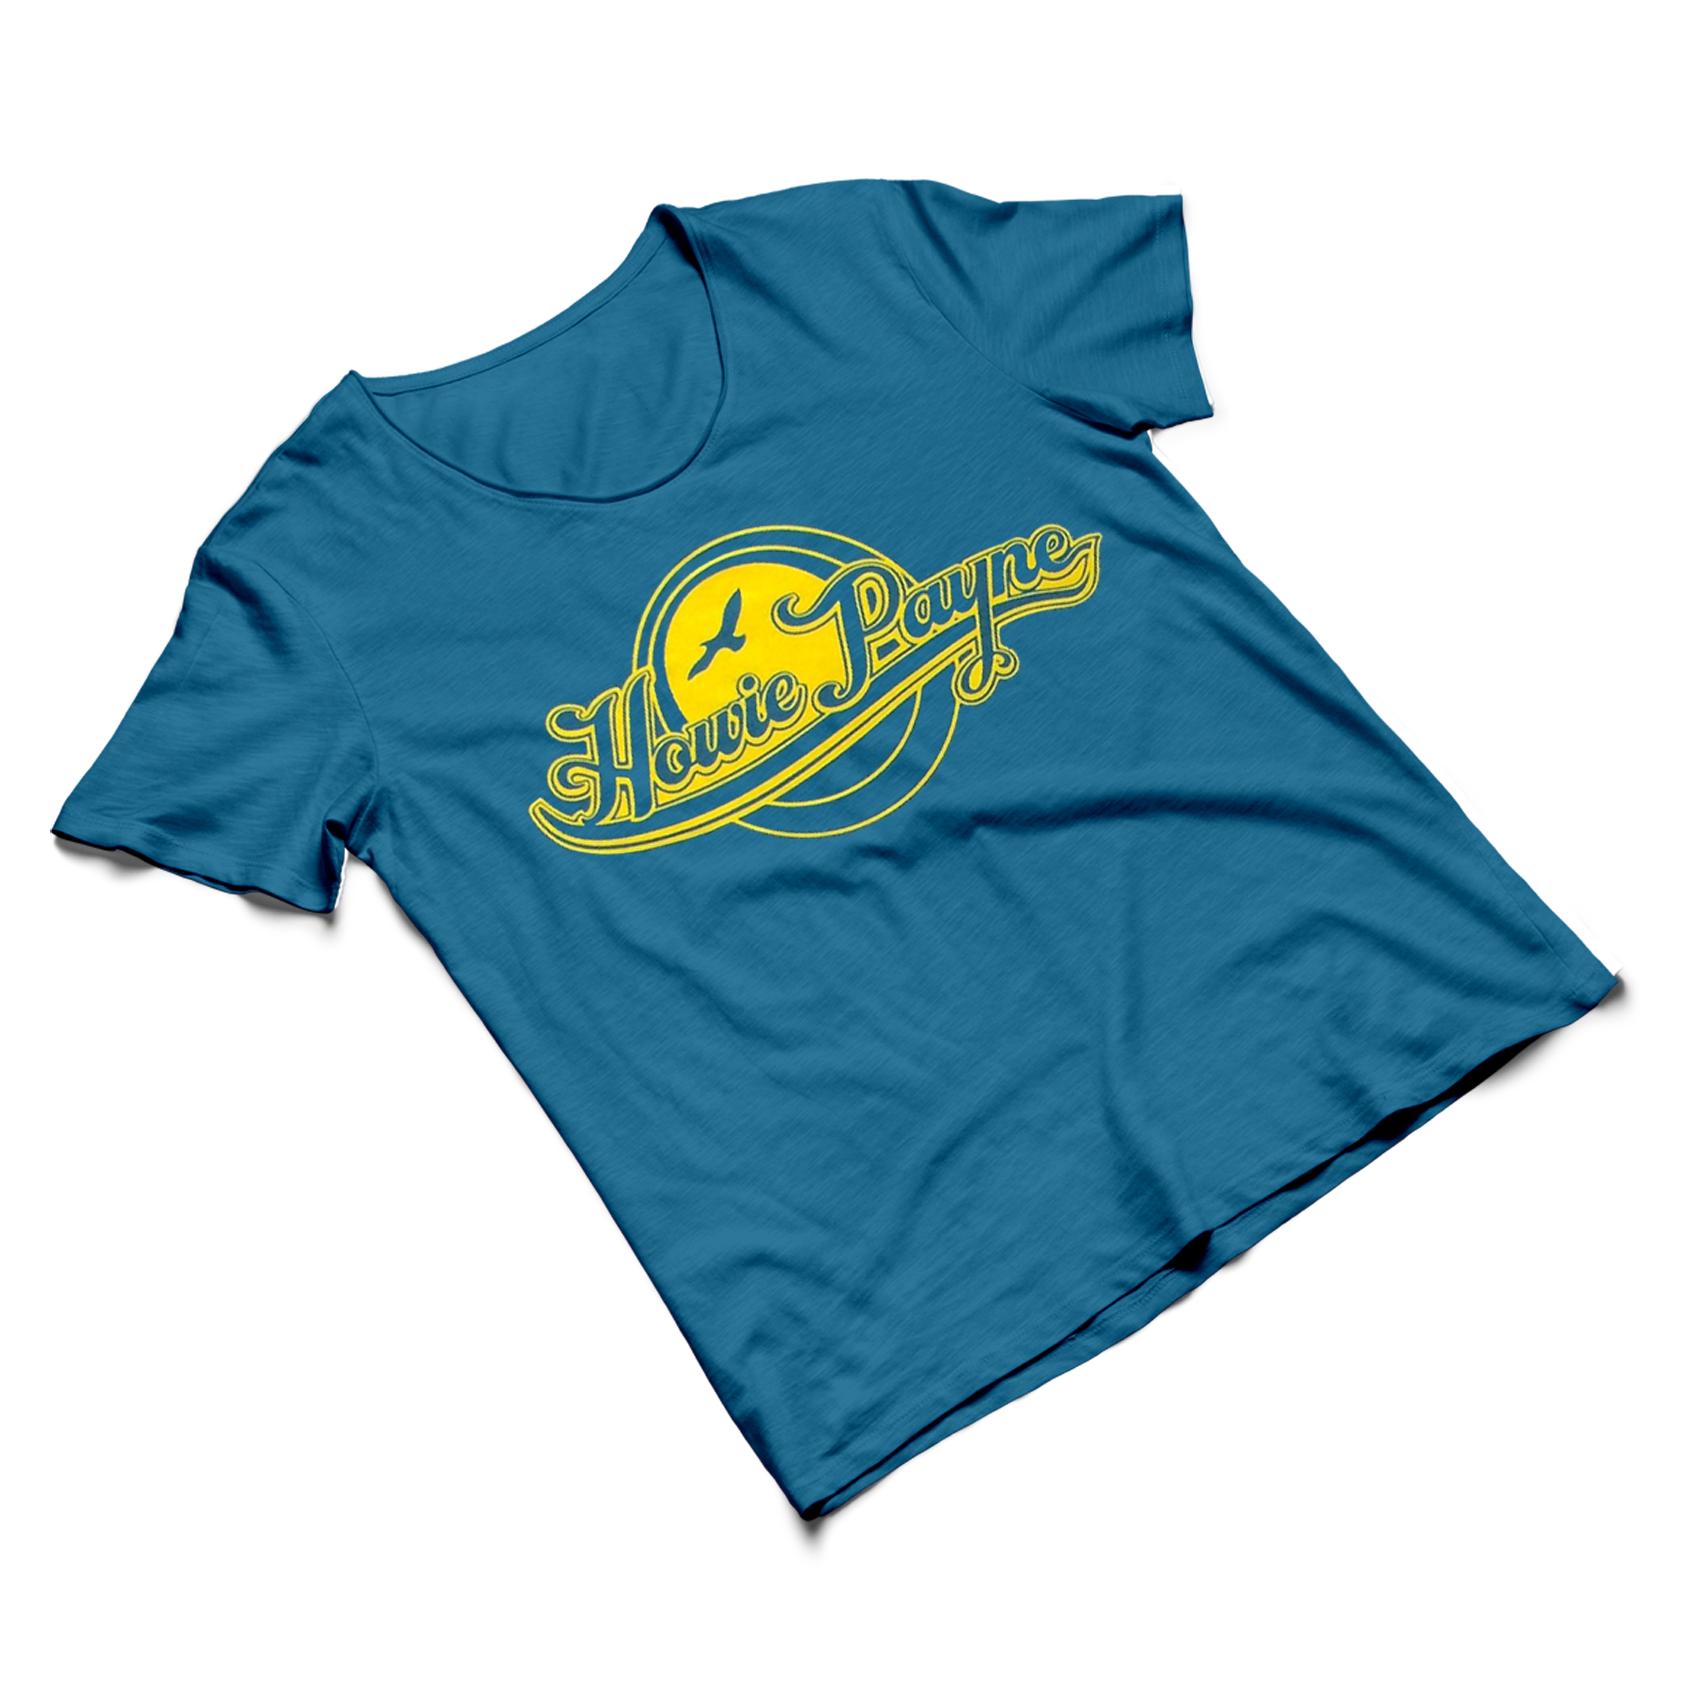 T-Shirt - Blue/Gold Logo - Howie Payne